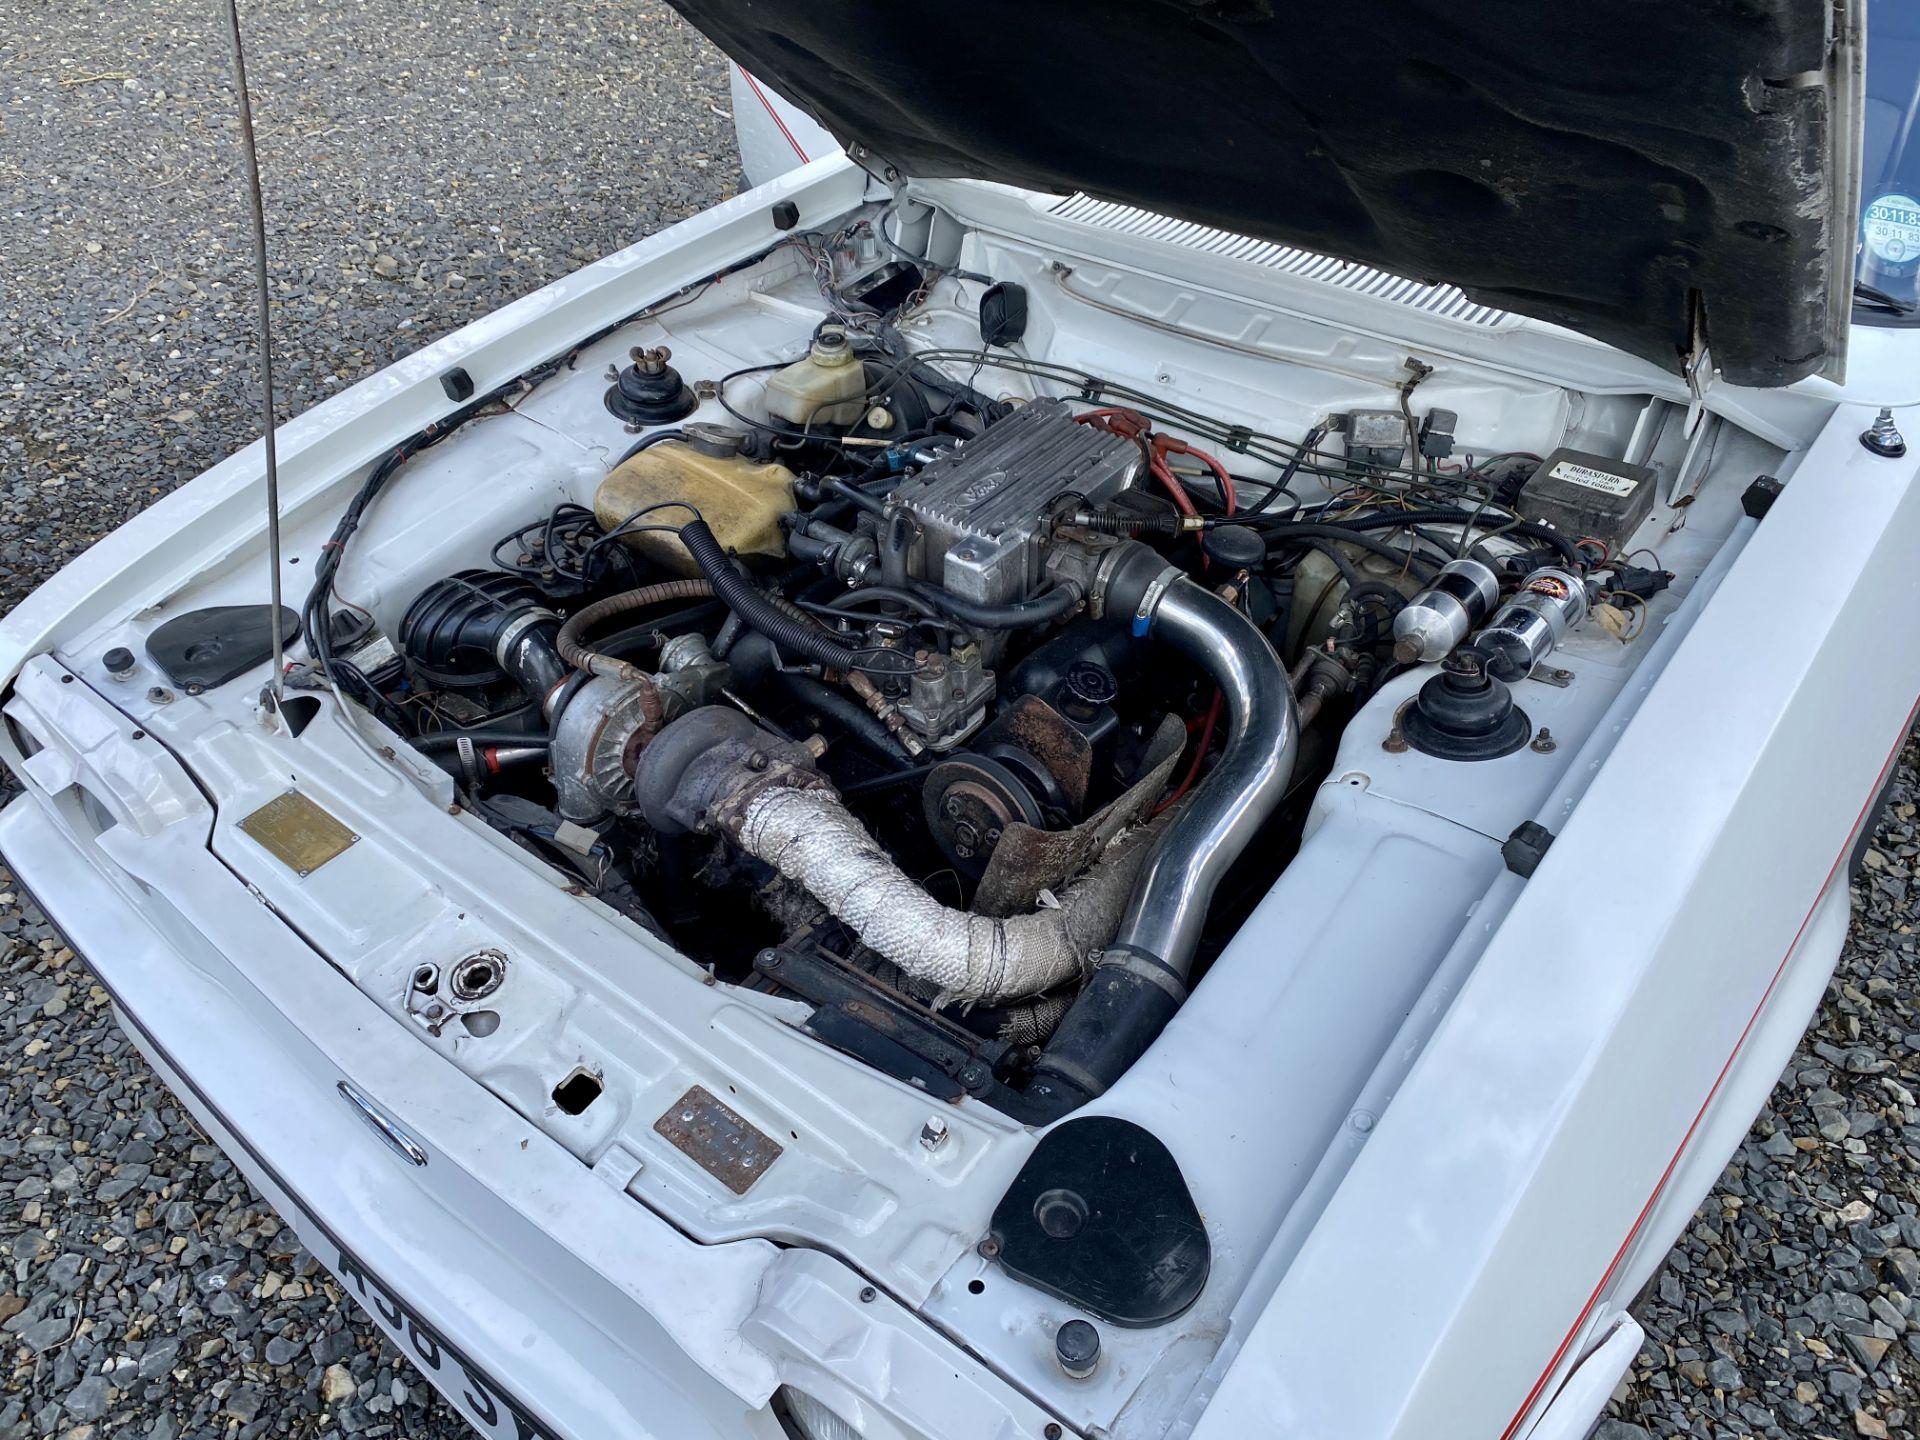 Ford Capri Tickford Turbo - Image 61 of 62